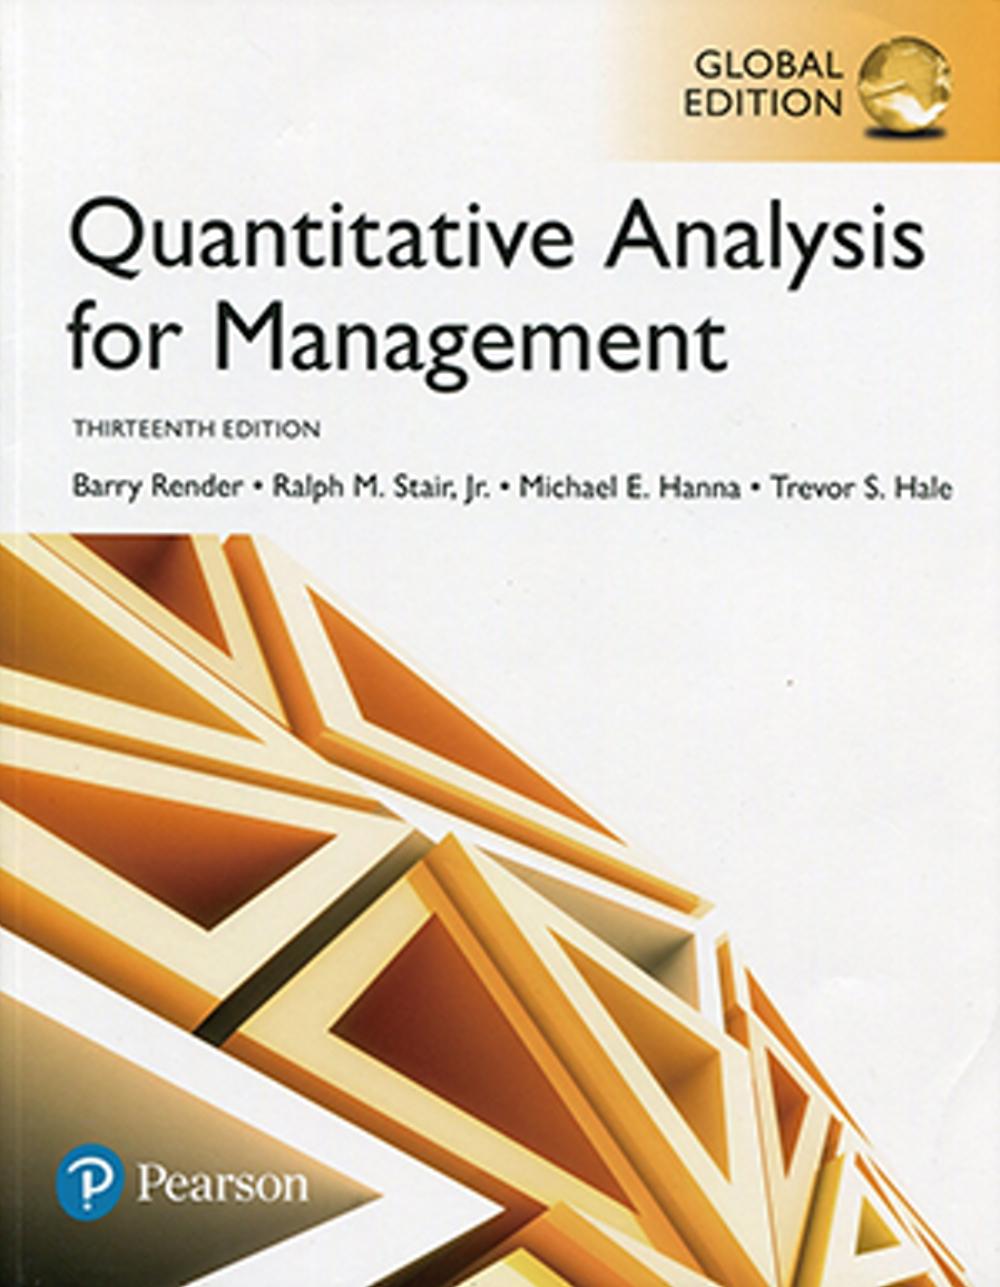 Quantitative Analysis for Management (GE) 13e